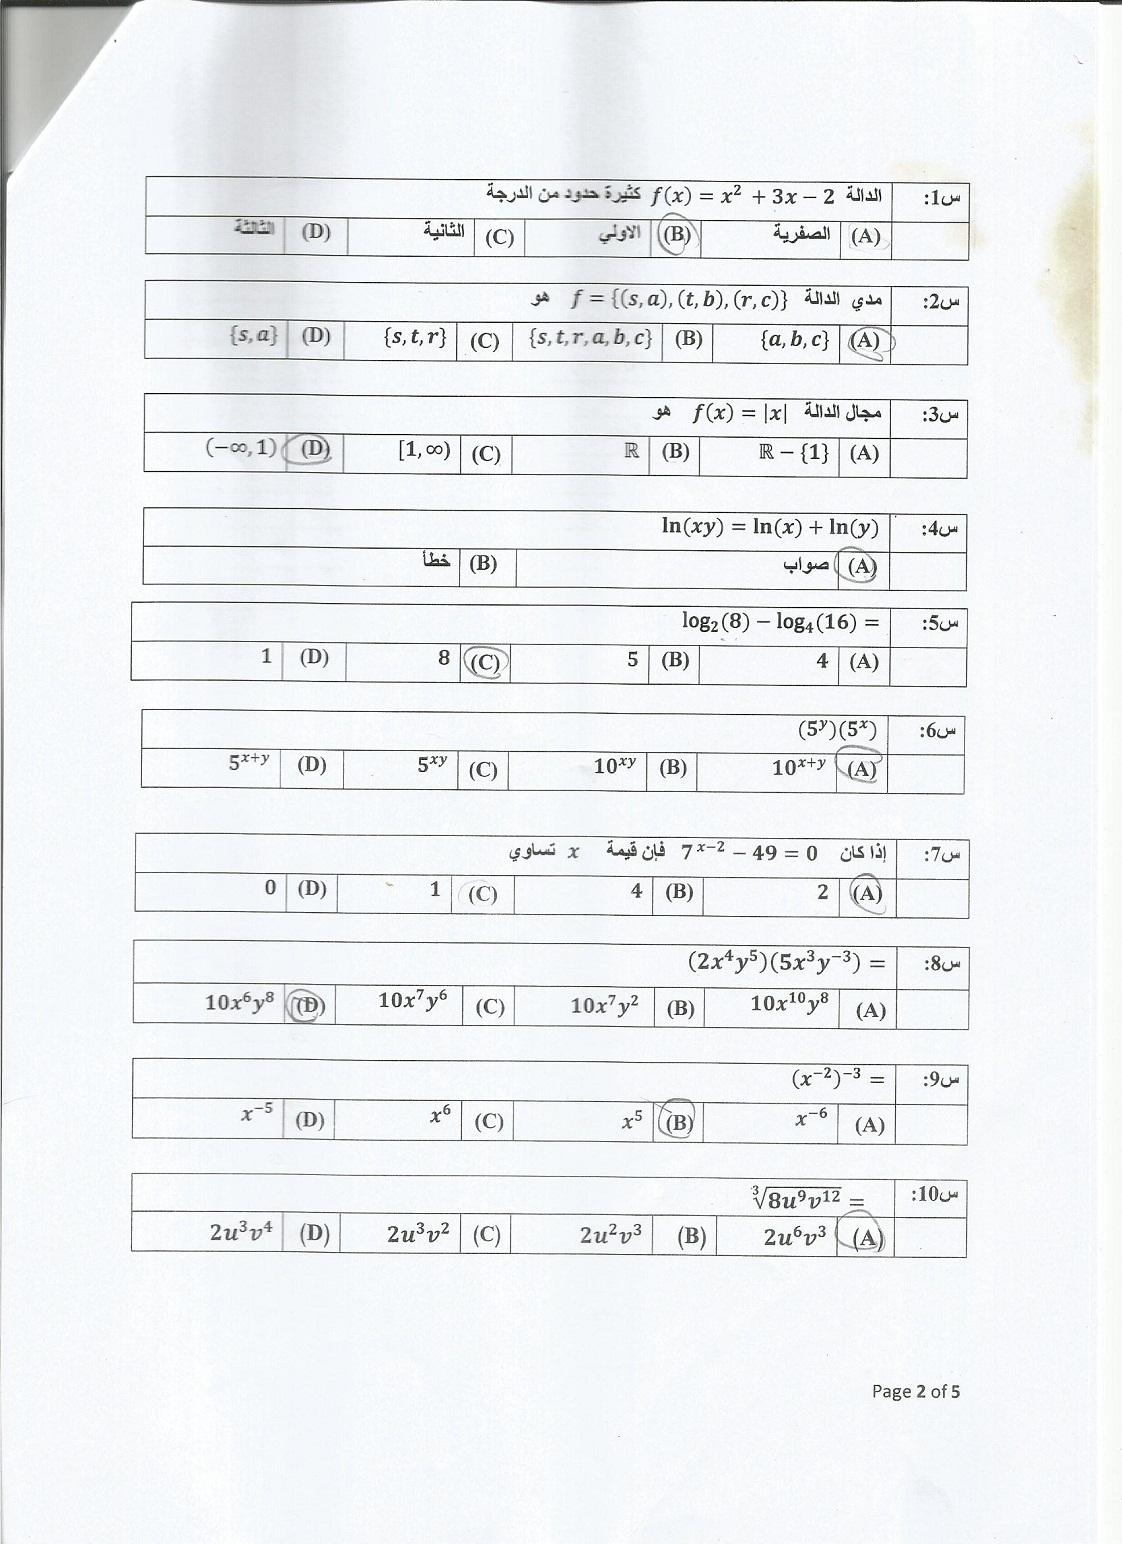 اسئلة اختبار الرياضيات math 111 انتساب الفصل الثاني 1436هـ kl-001.jpg